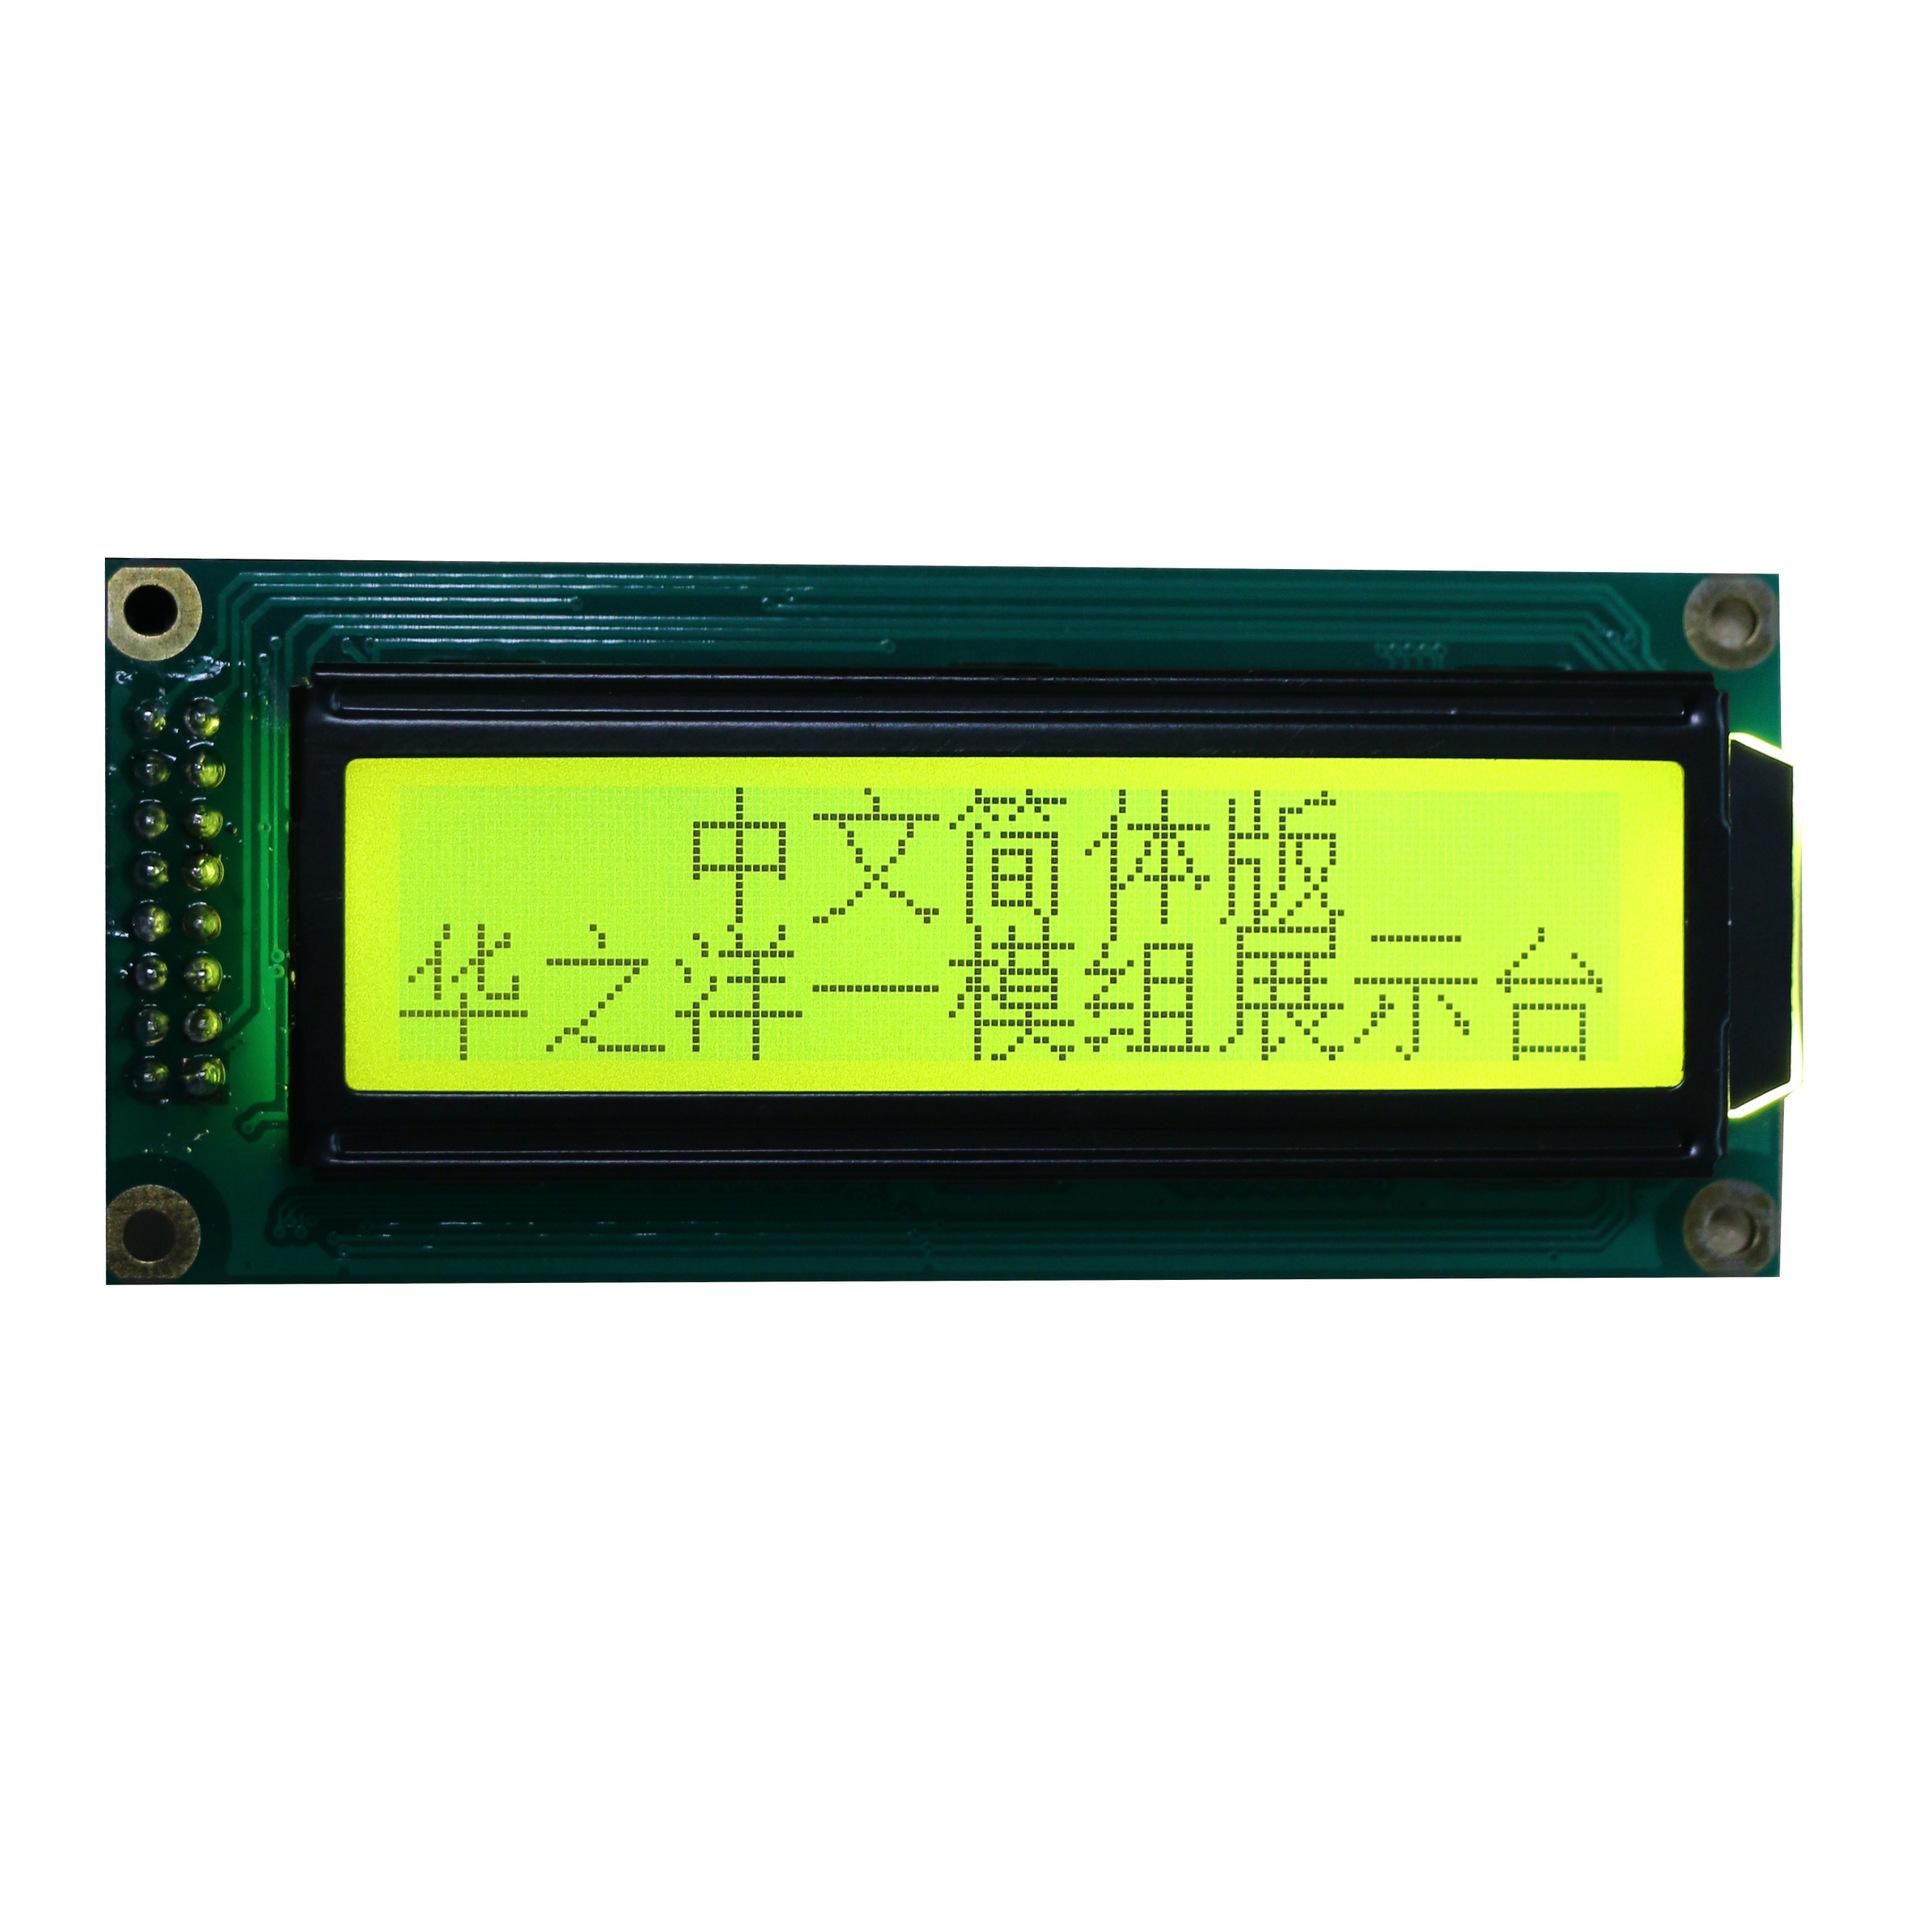 HZY Sản phẩm LCD Nhà máy sản phẩm chính màn hình LCD sản xuất công nghiệp cấp 14432 điểm ma trận mô-